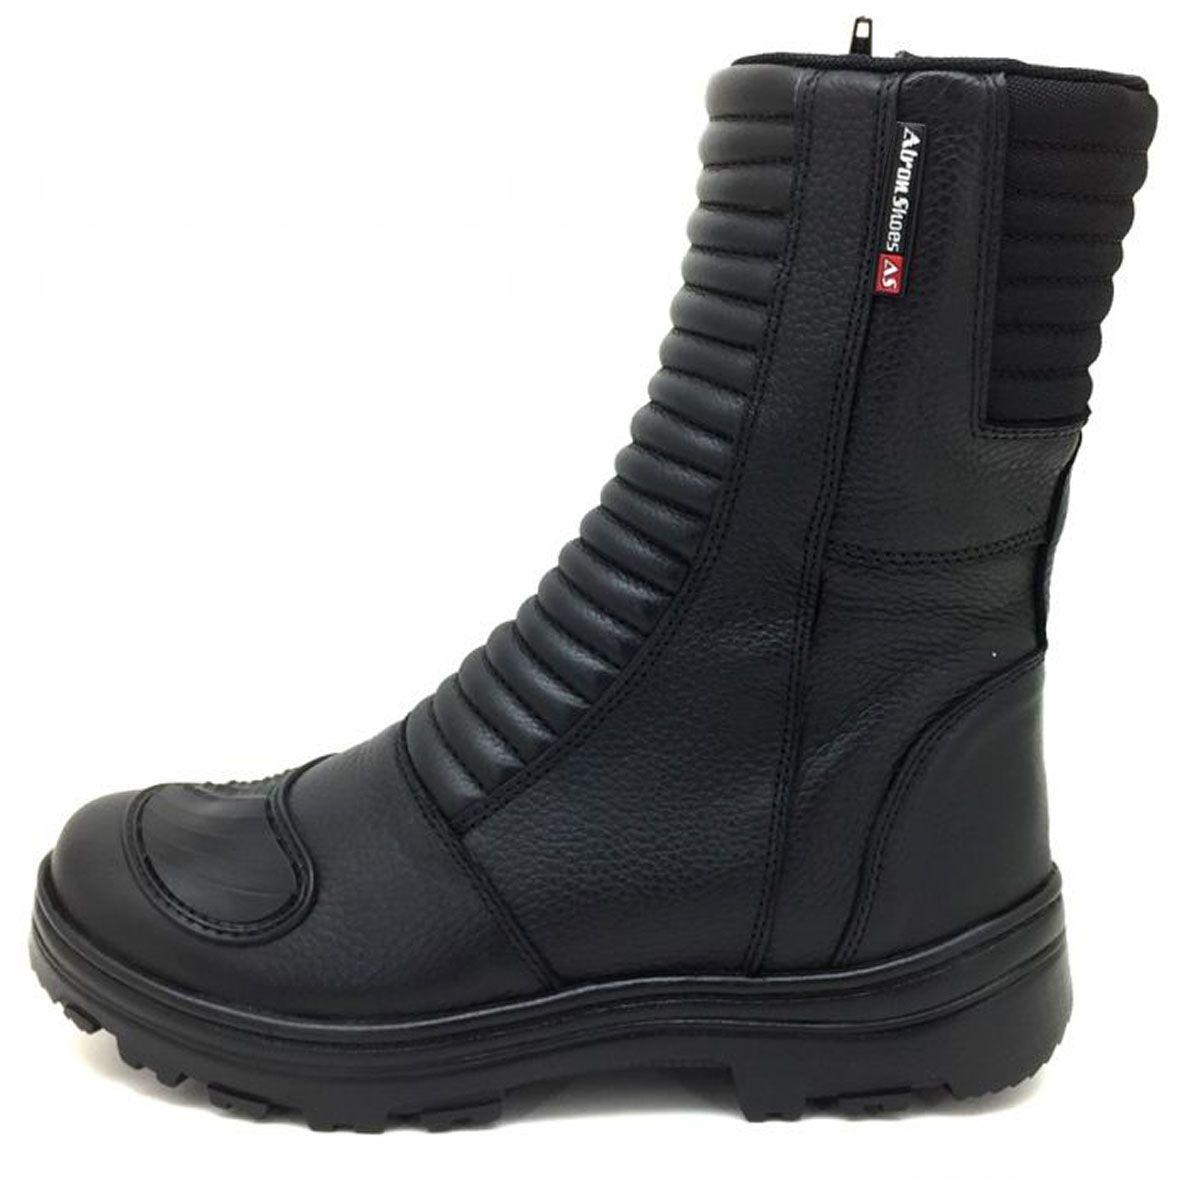 3f98403fcac Bota motociclista cano alto Atron Shoes de couro preto 278